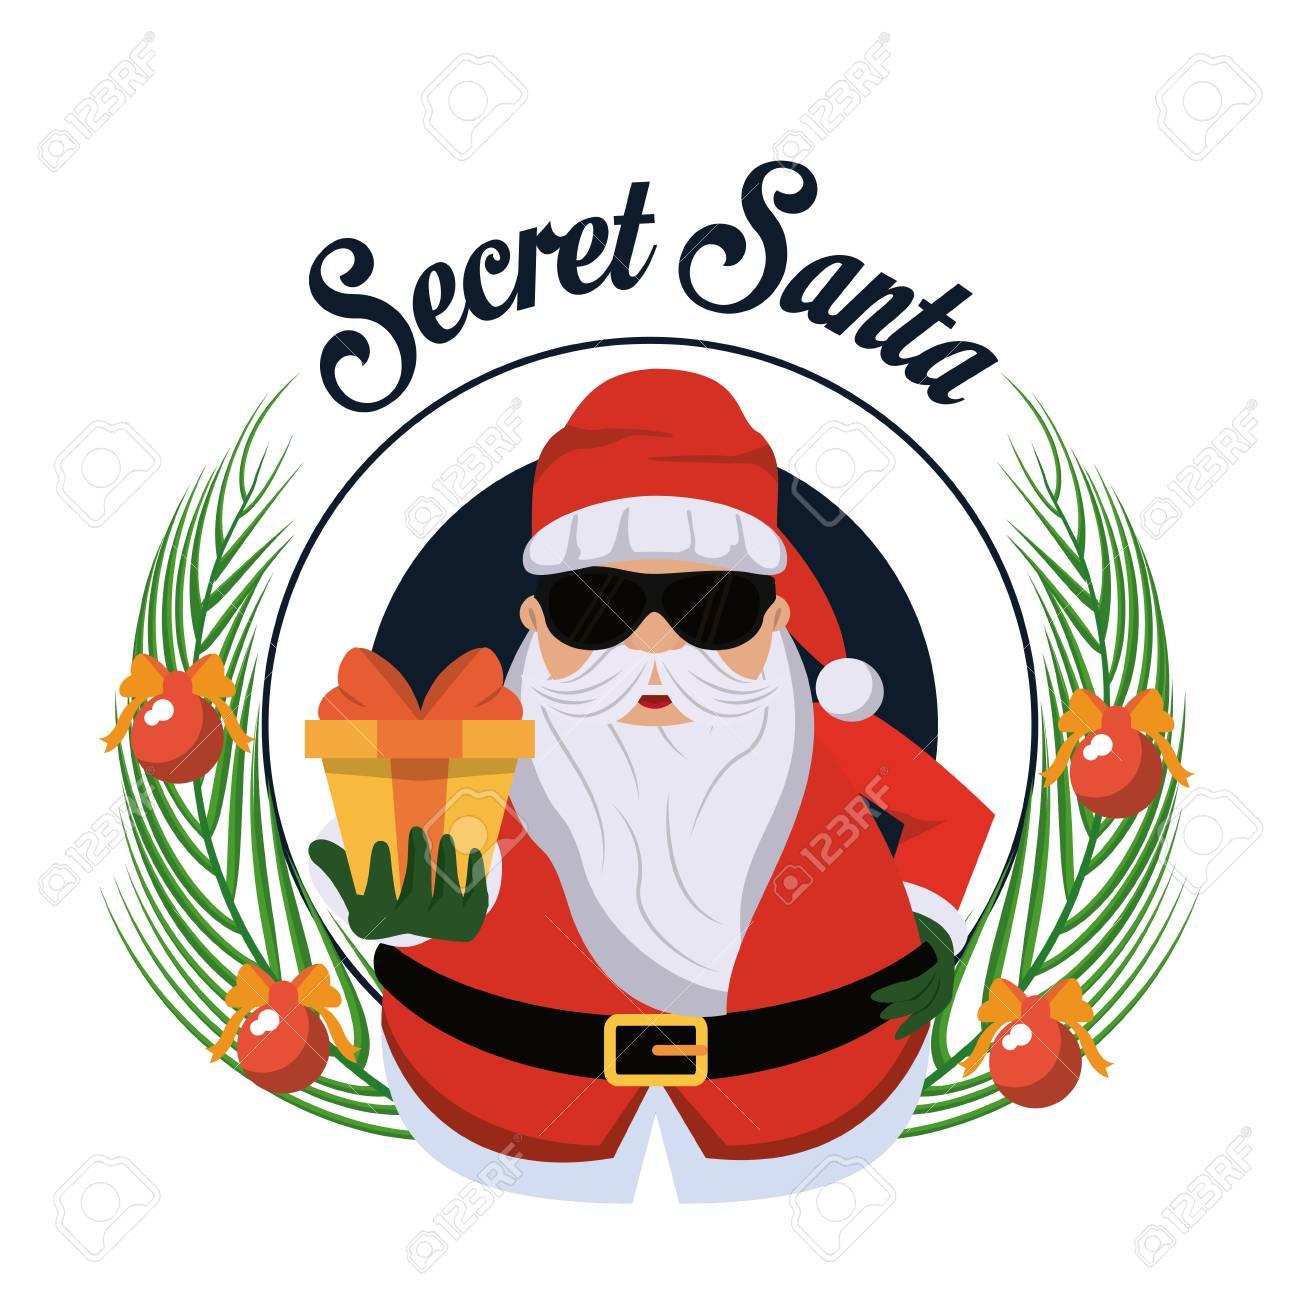 secret santa images free - Gecce.tackletarts.co